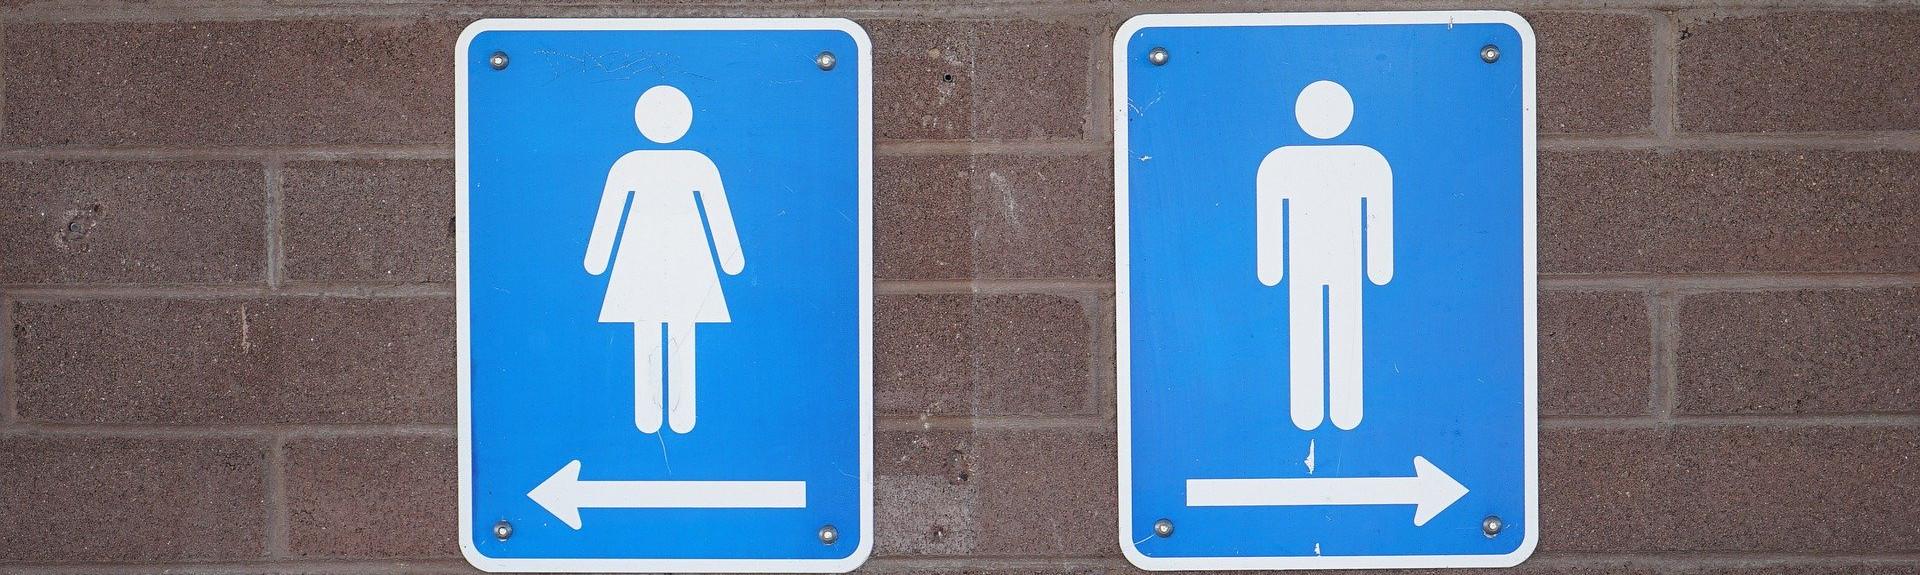 Was ist die nette Toilette